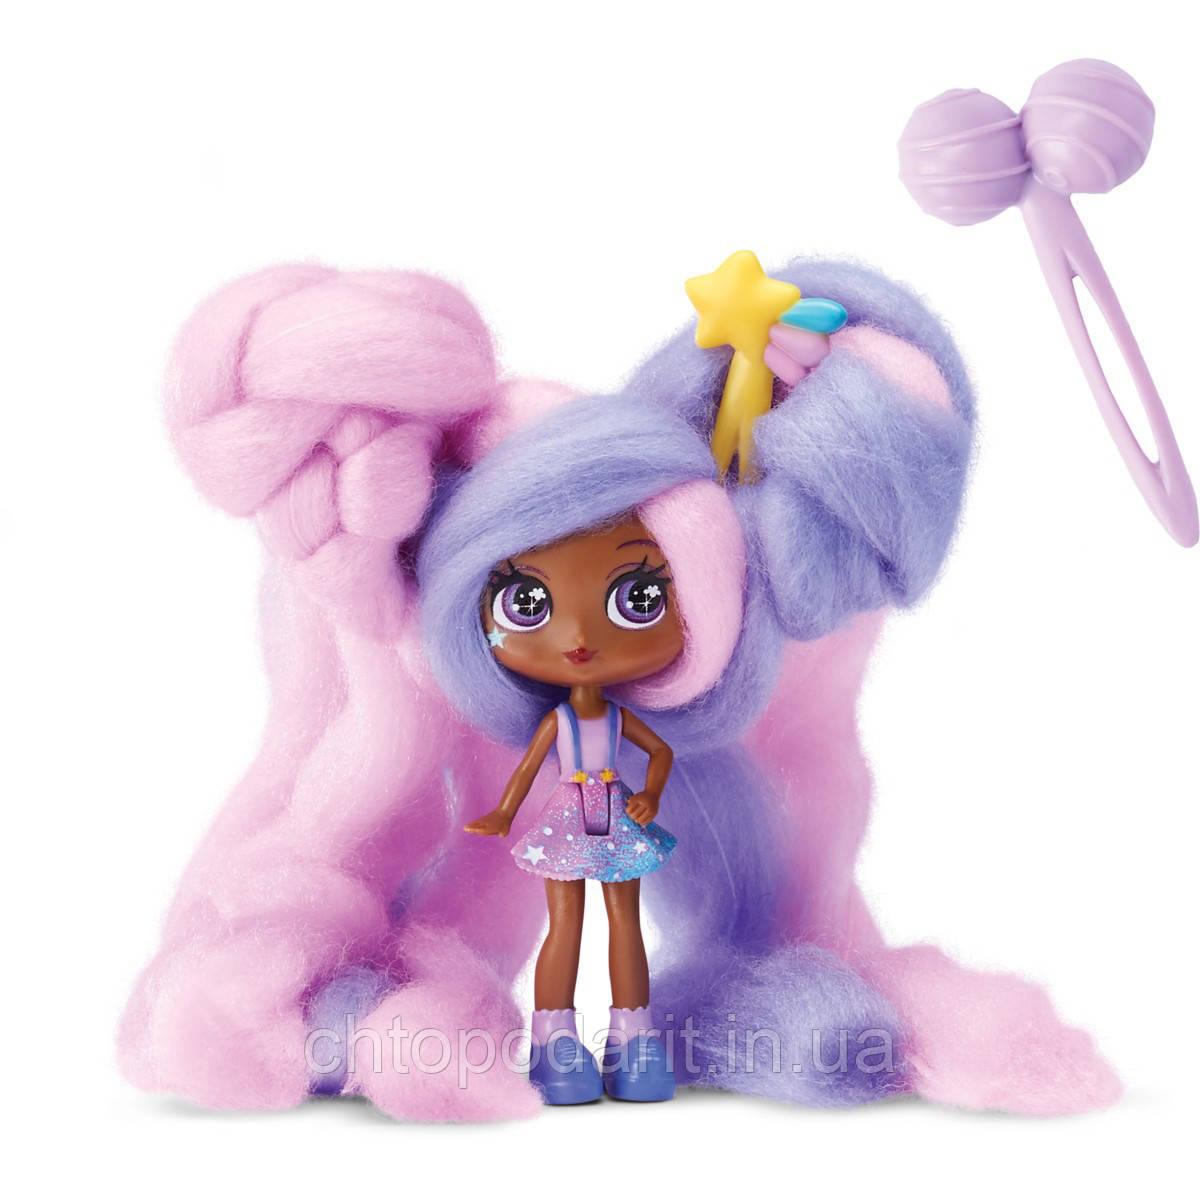 """Кукла """"Кендилукс сладкая вата"""" Candylocks с цветными волосами Код 12-1964"""